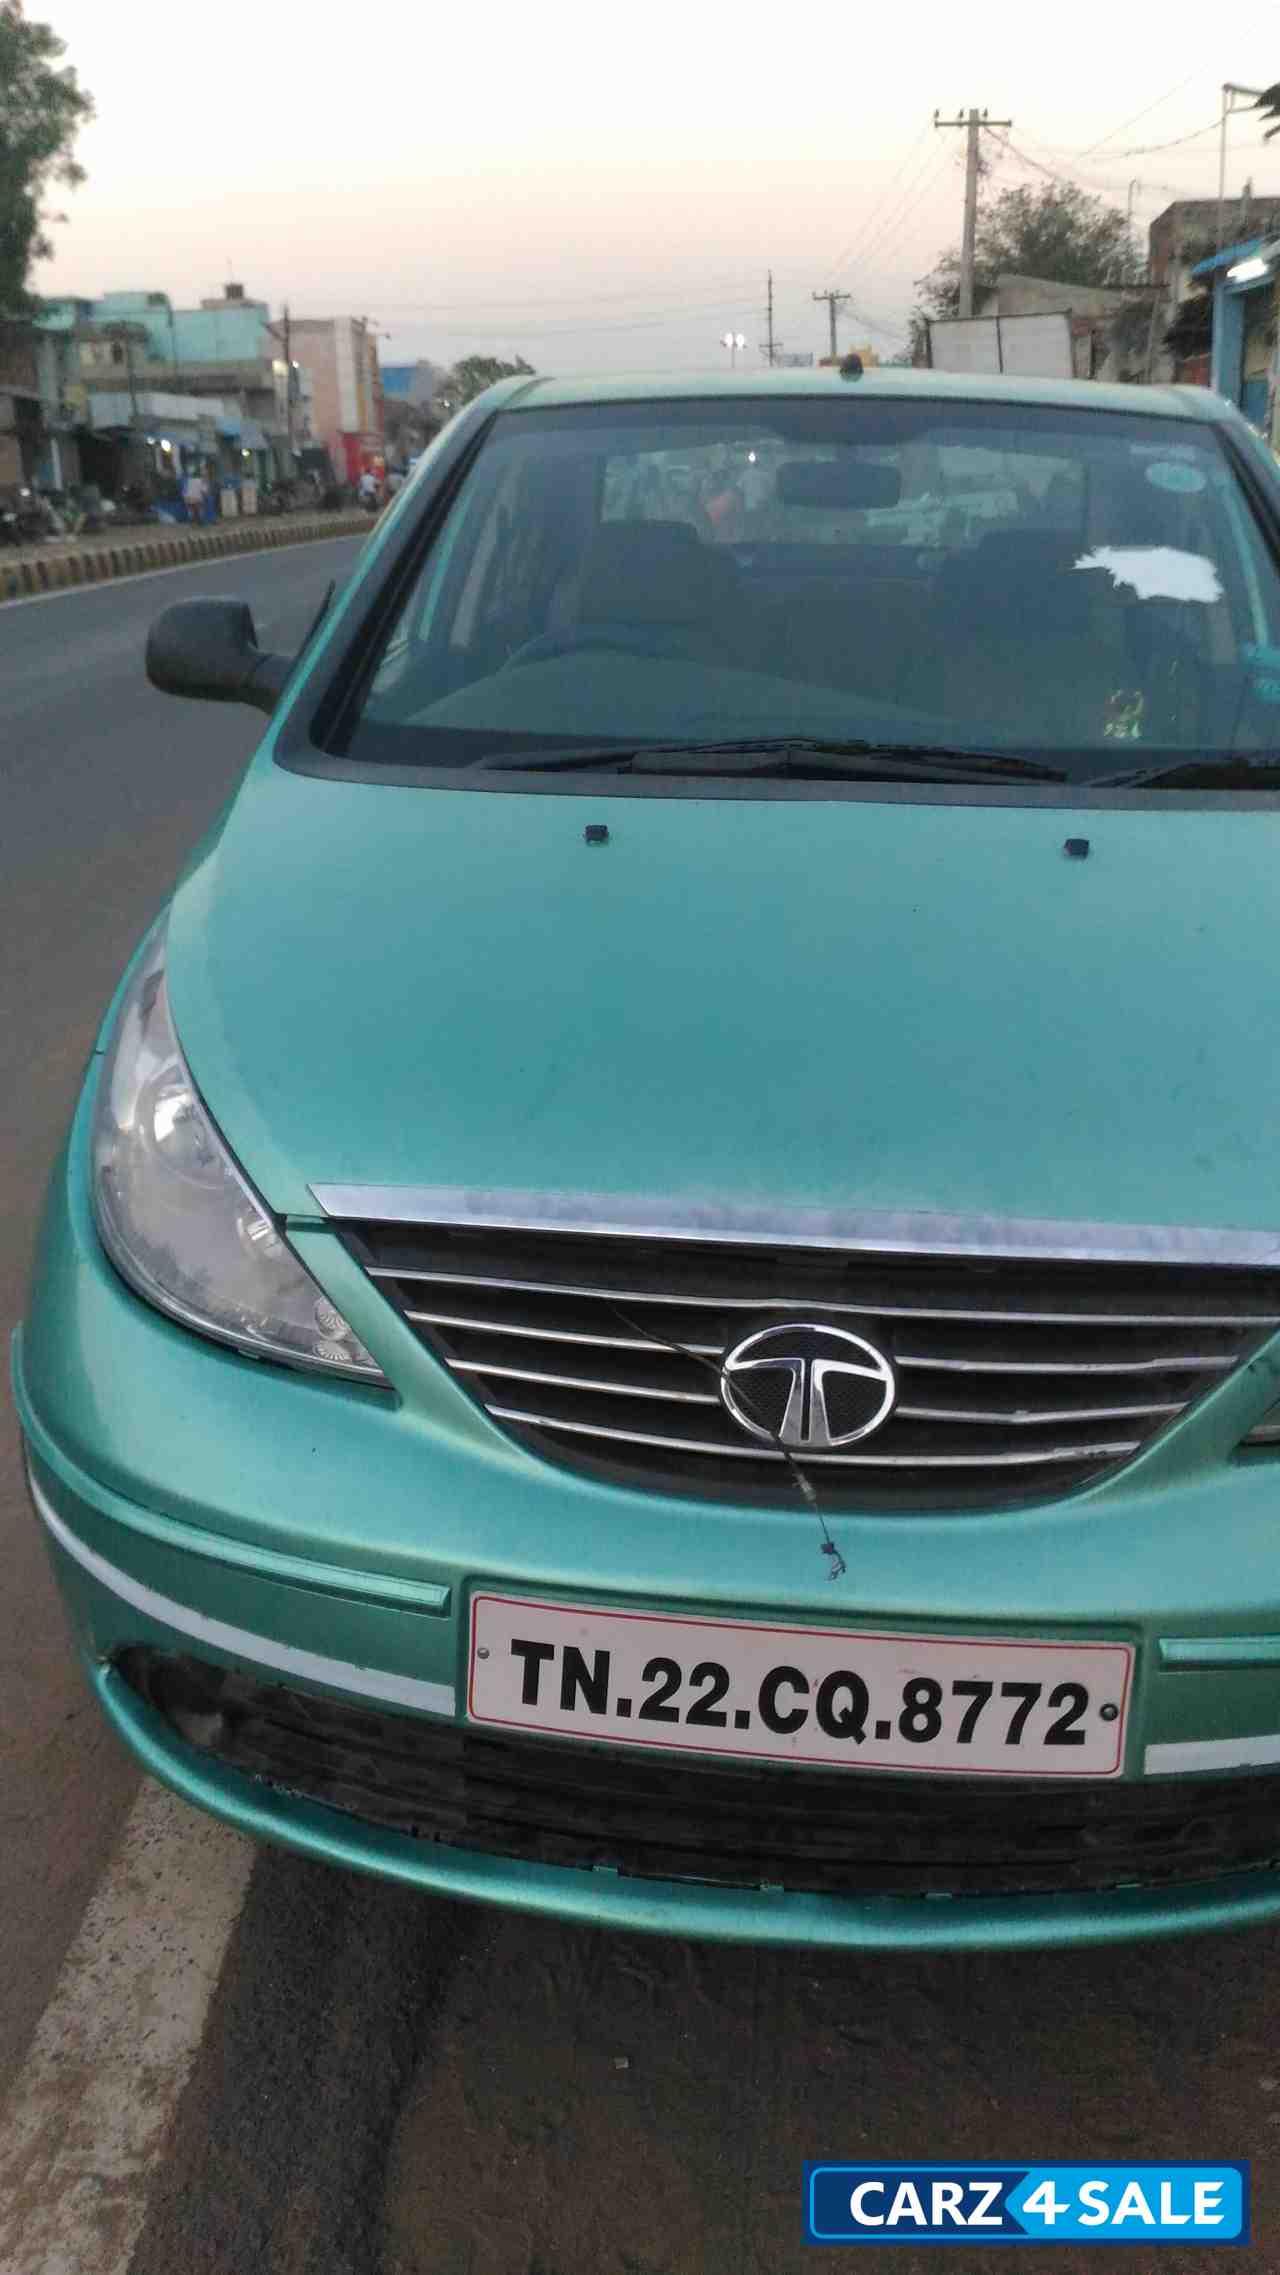 Used 2014 Model Tata Manza For Sale In Cuddalore Id 7131